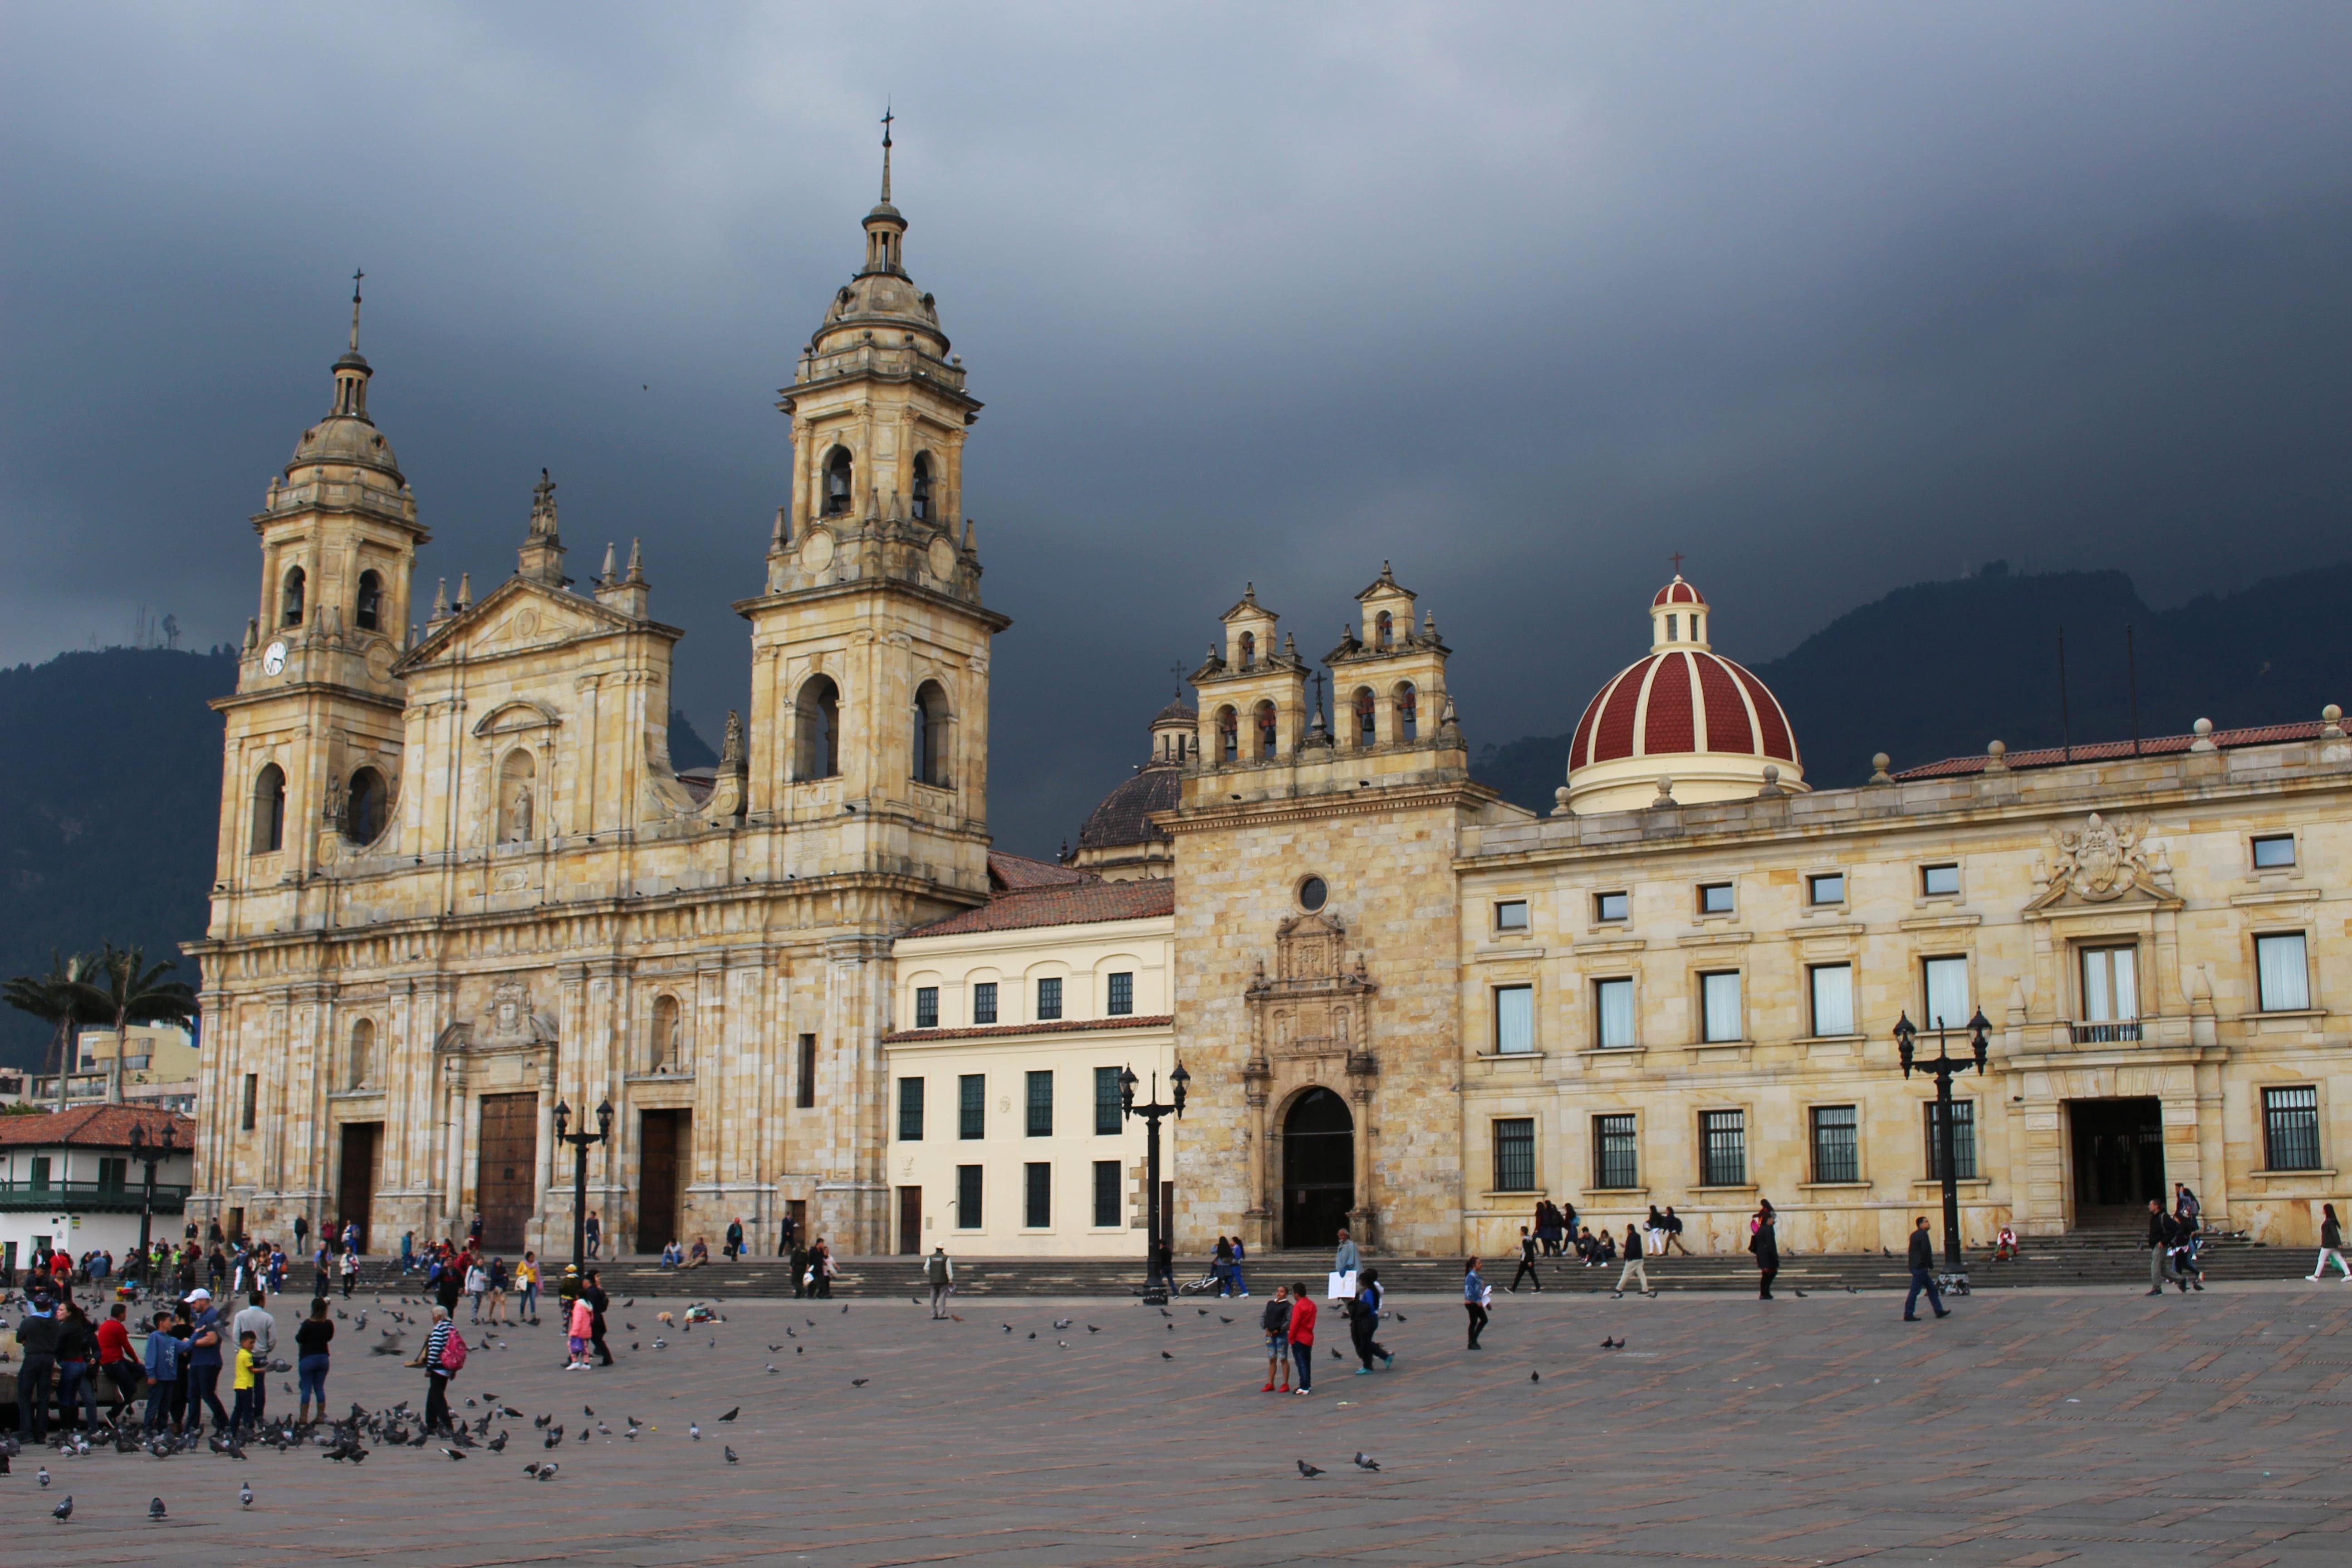 De aangename verrassing dat Bogotá heet